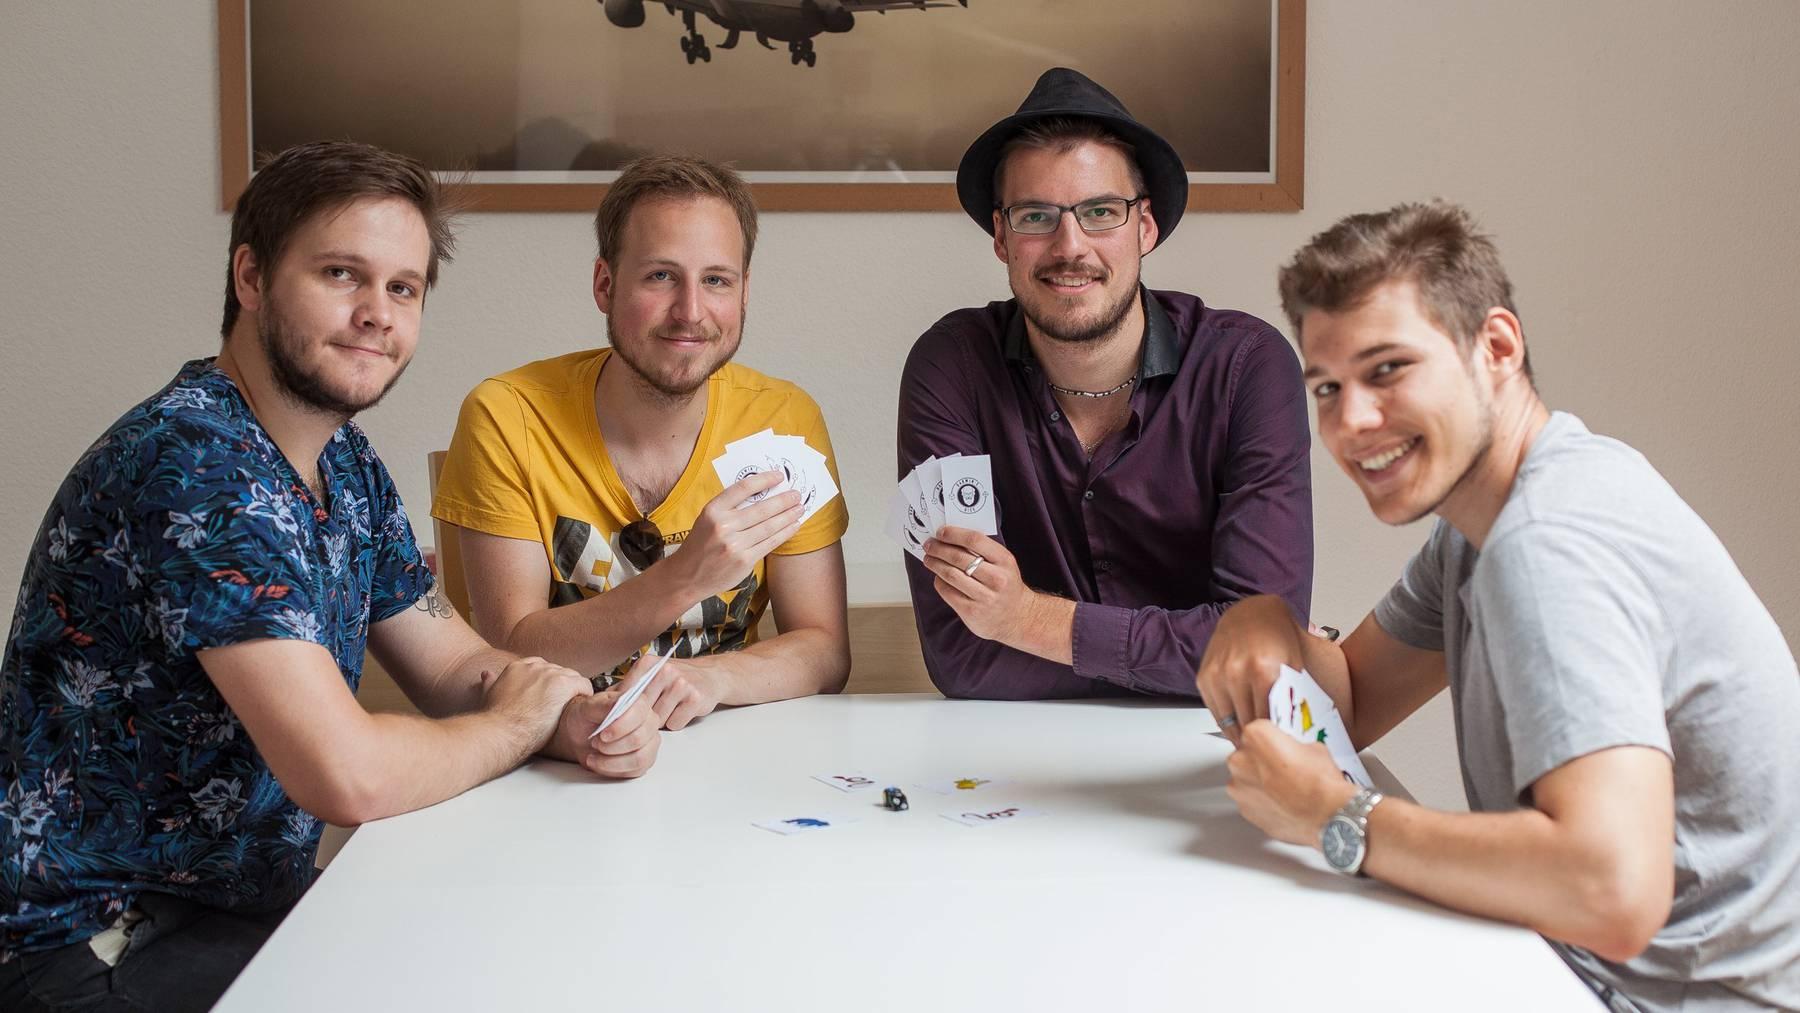 Die Erfinder beim Spiel: Pierre Lippuner, Fabian Engeler, Stefan Weisskopf, Pascal Frick (v.l.)